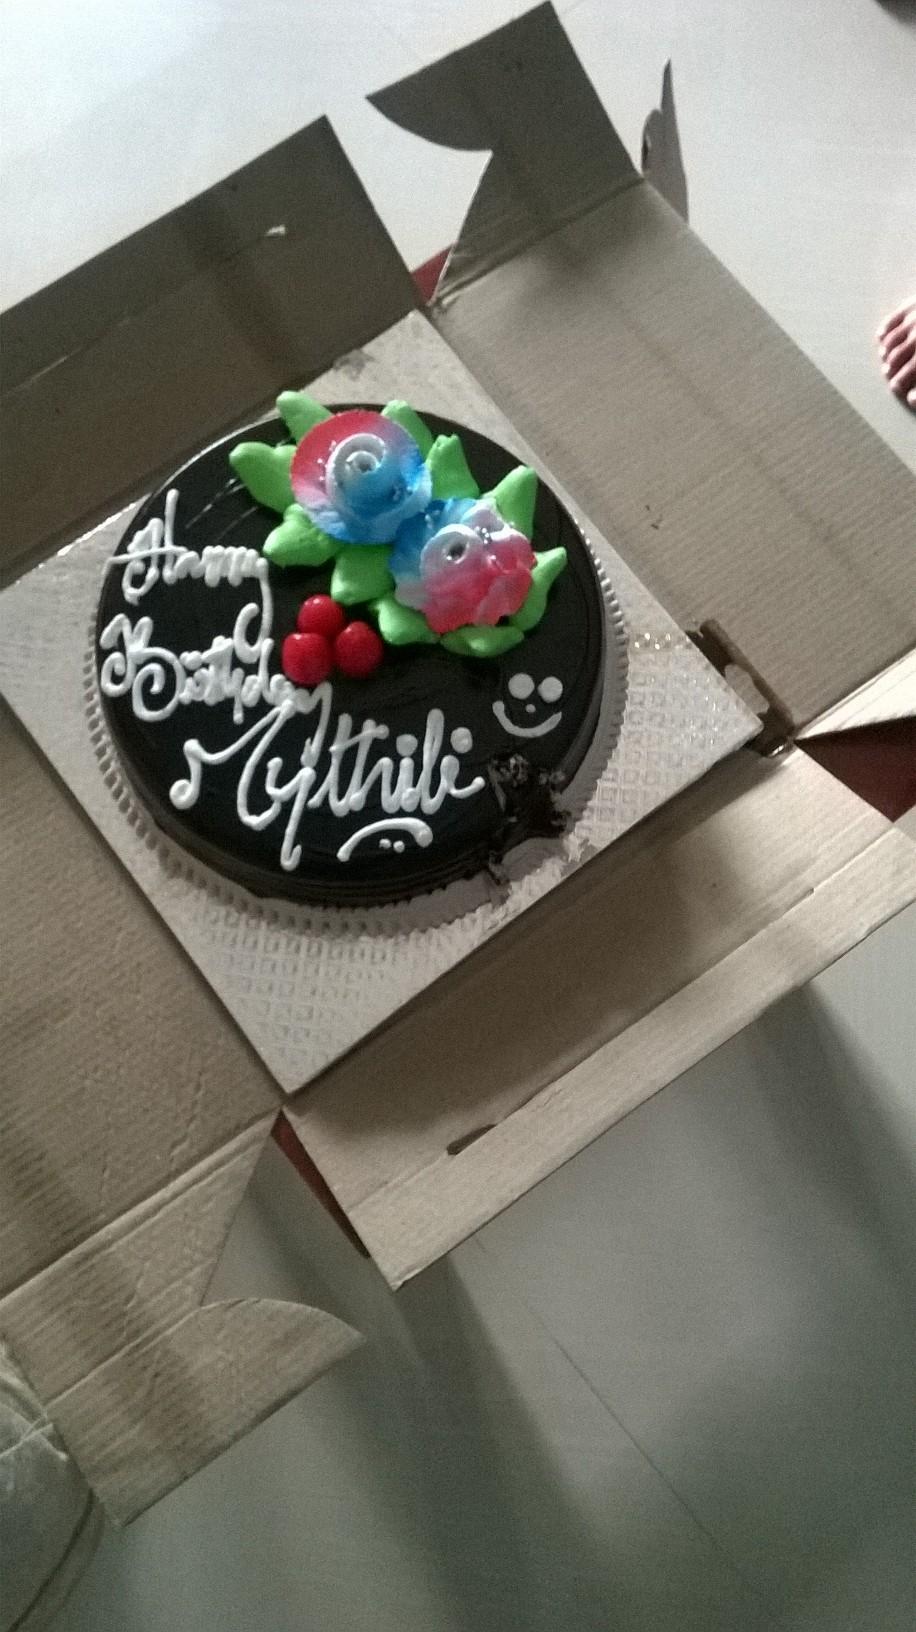 happee-happeee-birthday